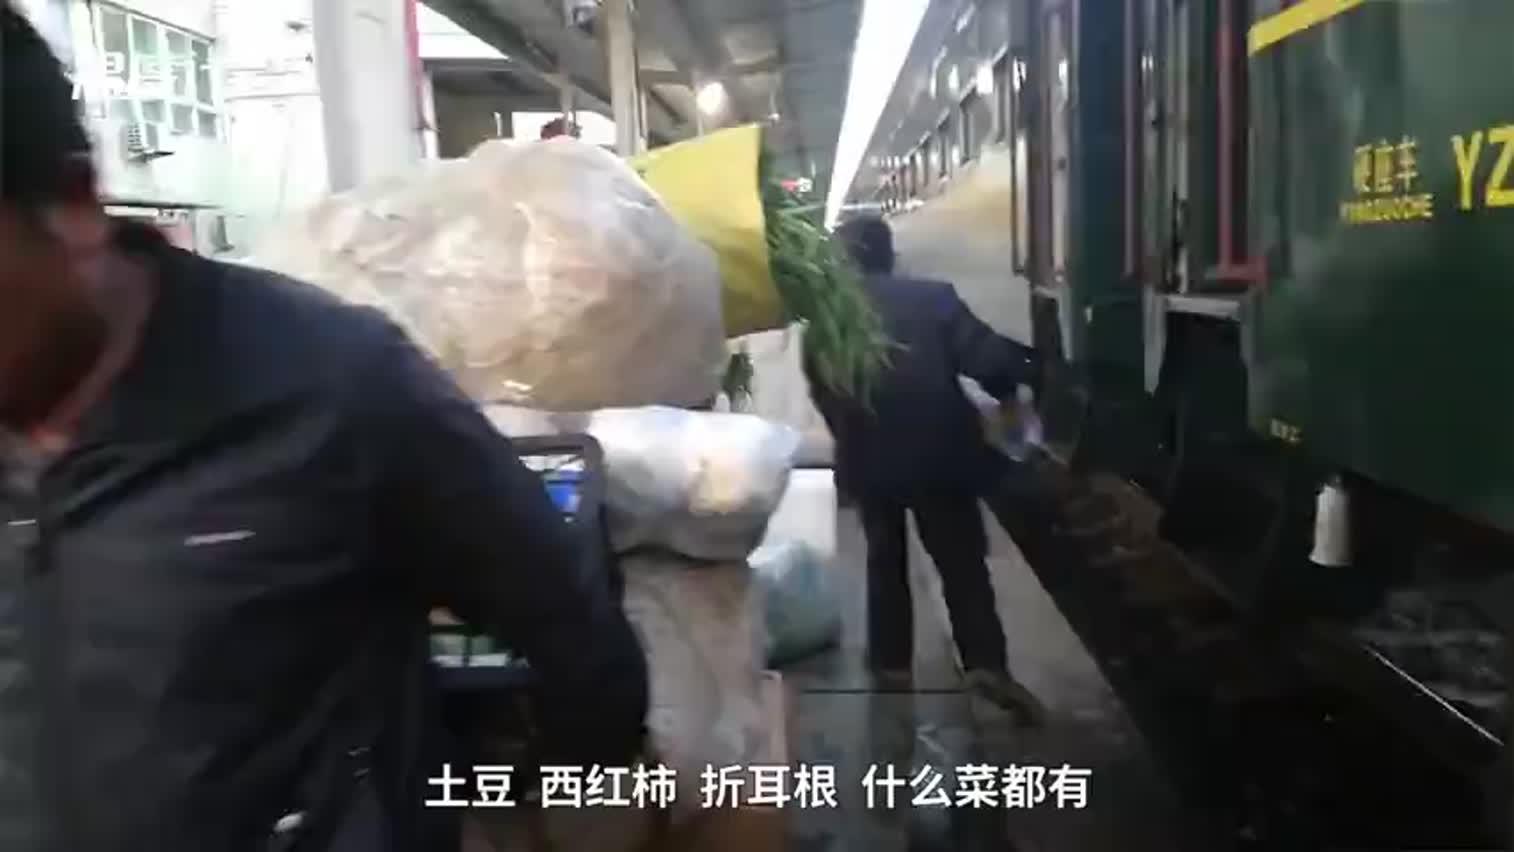 视频-大凉山慢火车25年没涨价 可带猪羊上车